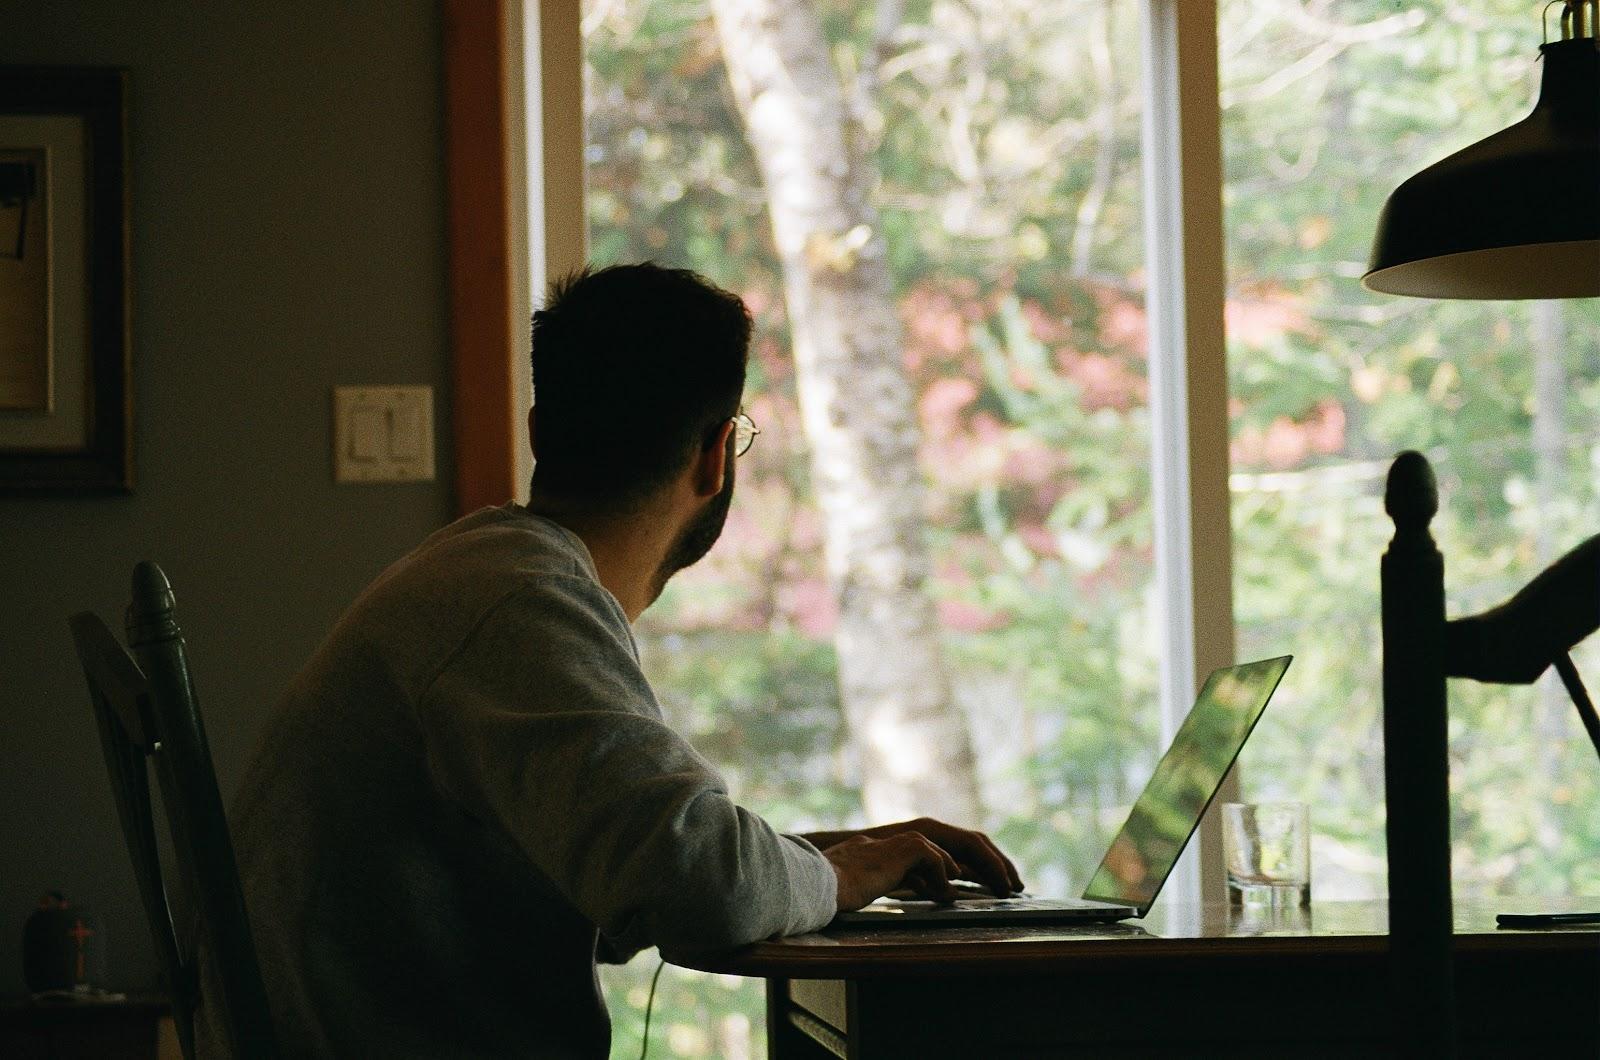 Agora o home office passou a ser a nova realidade de trabalho de muitos como na foto.